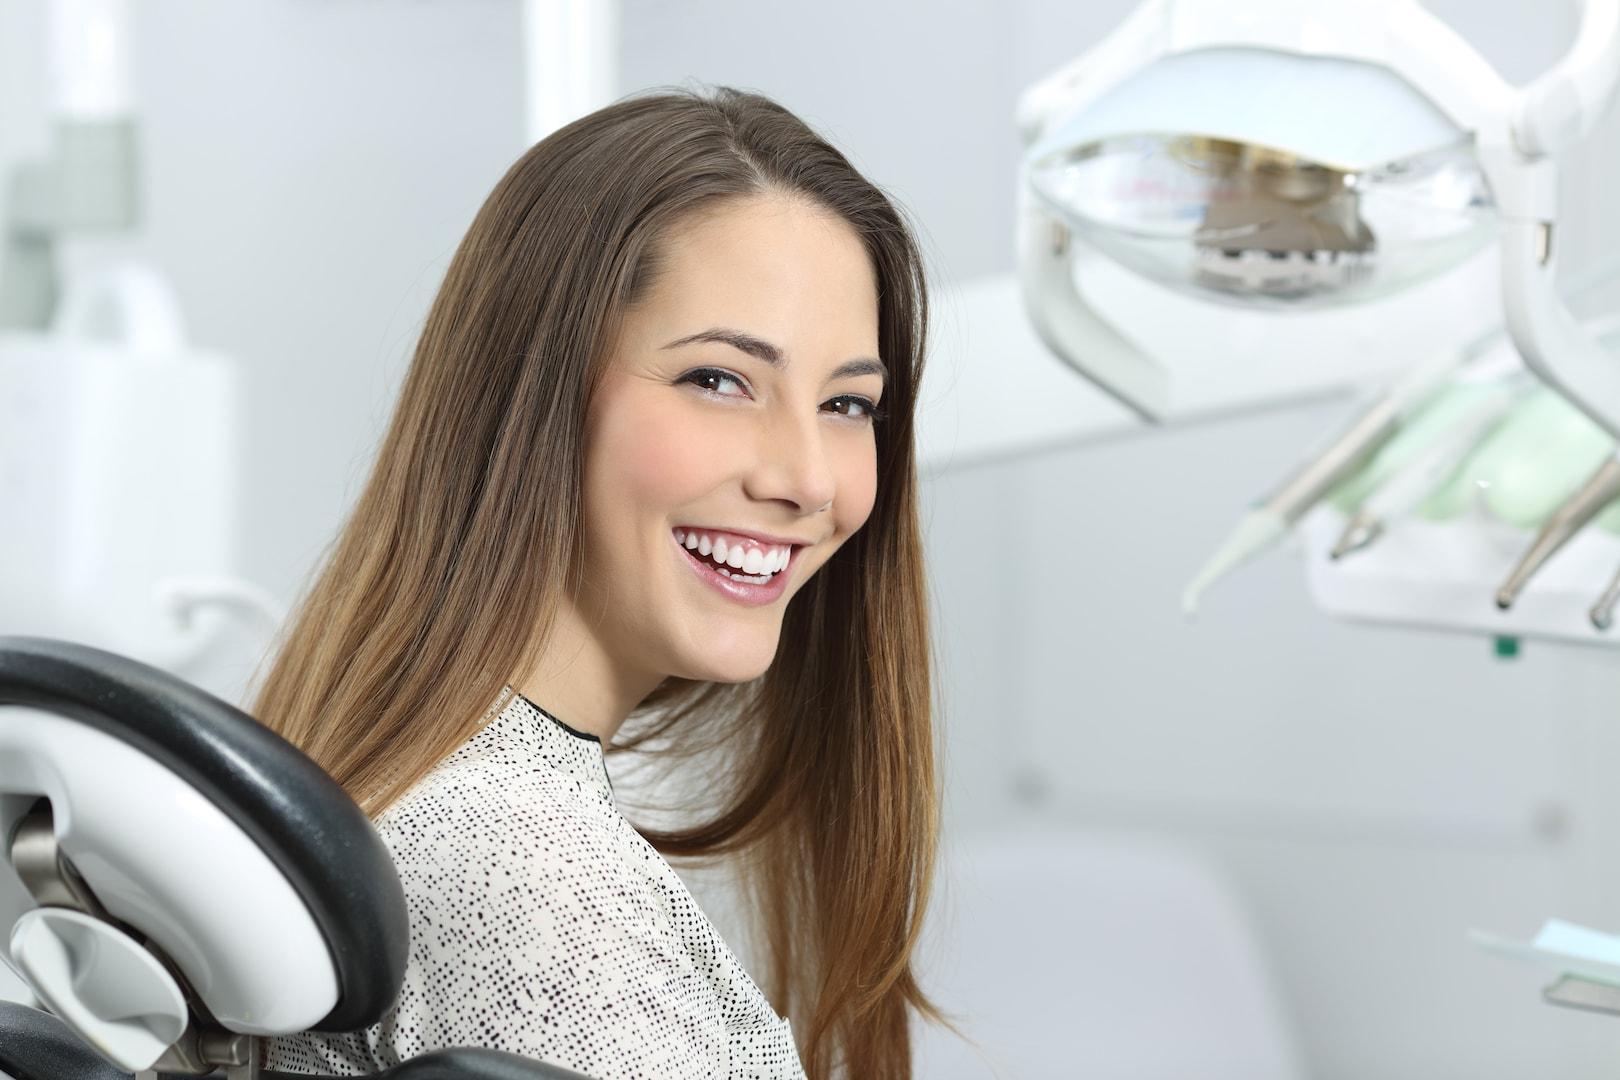 Sbiancamento Dentale e Igiene Dentale Sassuolo Modena